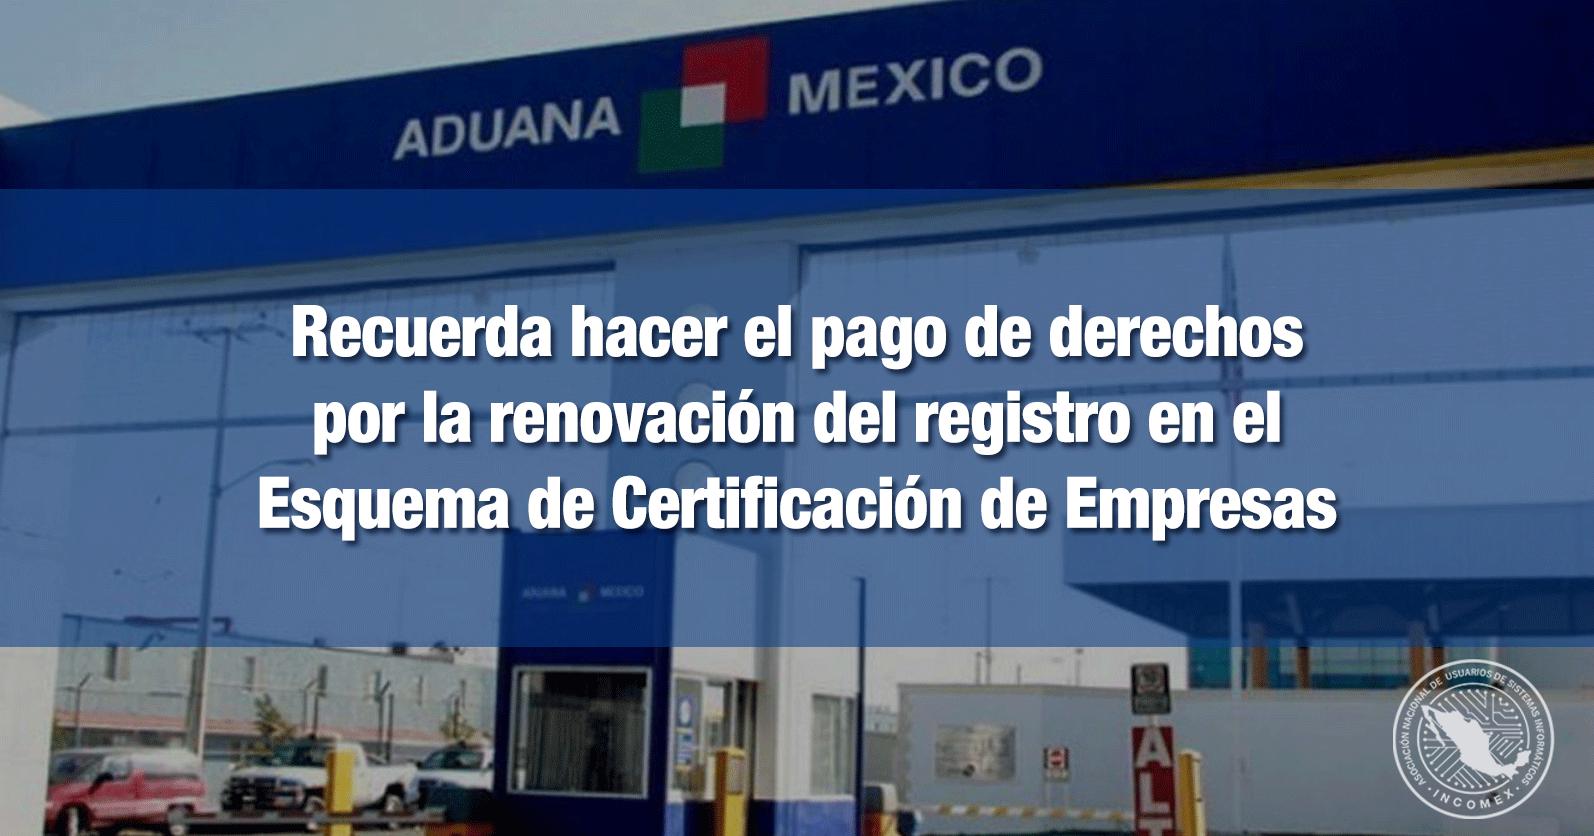 Recuerda hacer el pago de derechos por la renovación del registro en el Esquema de Certificación de Empresas